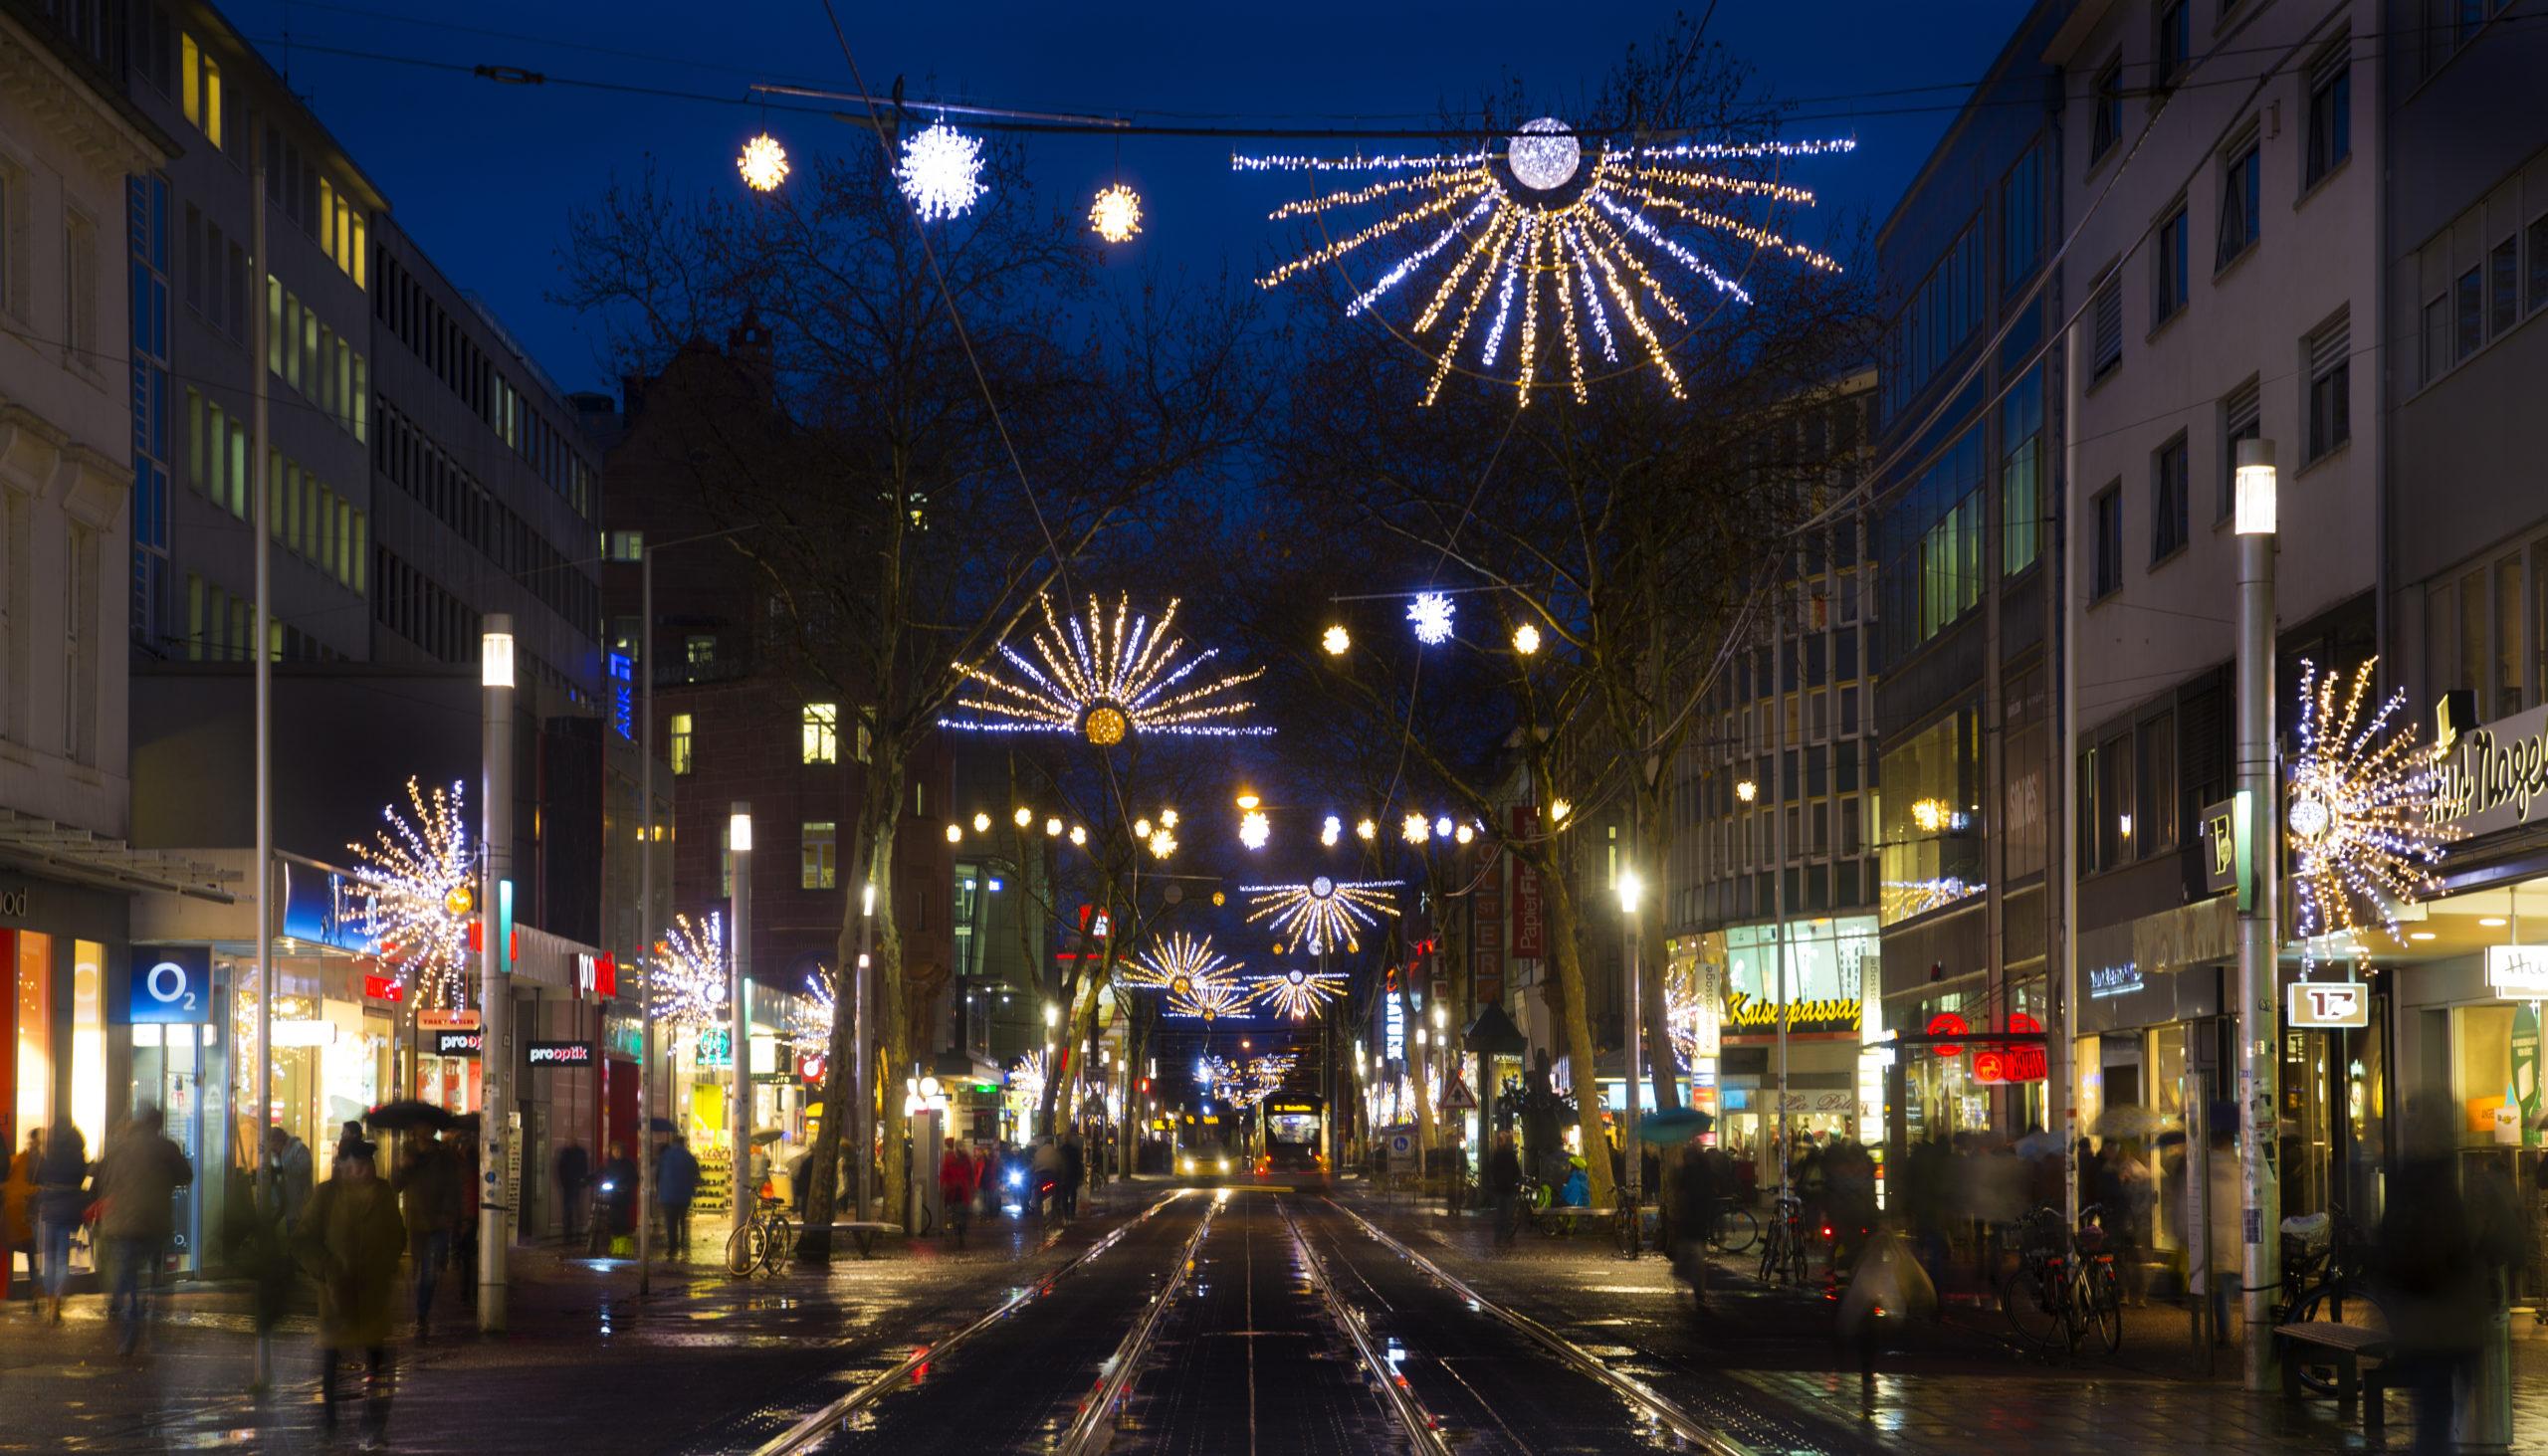 2017 DE Karlsruhe City